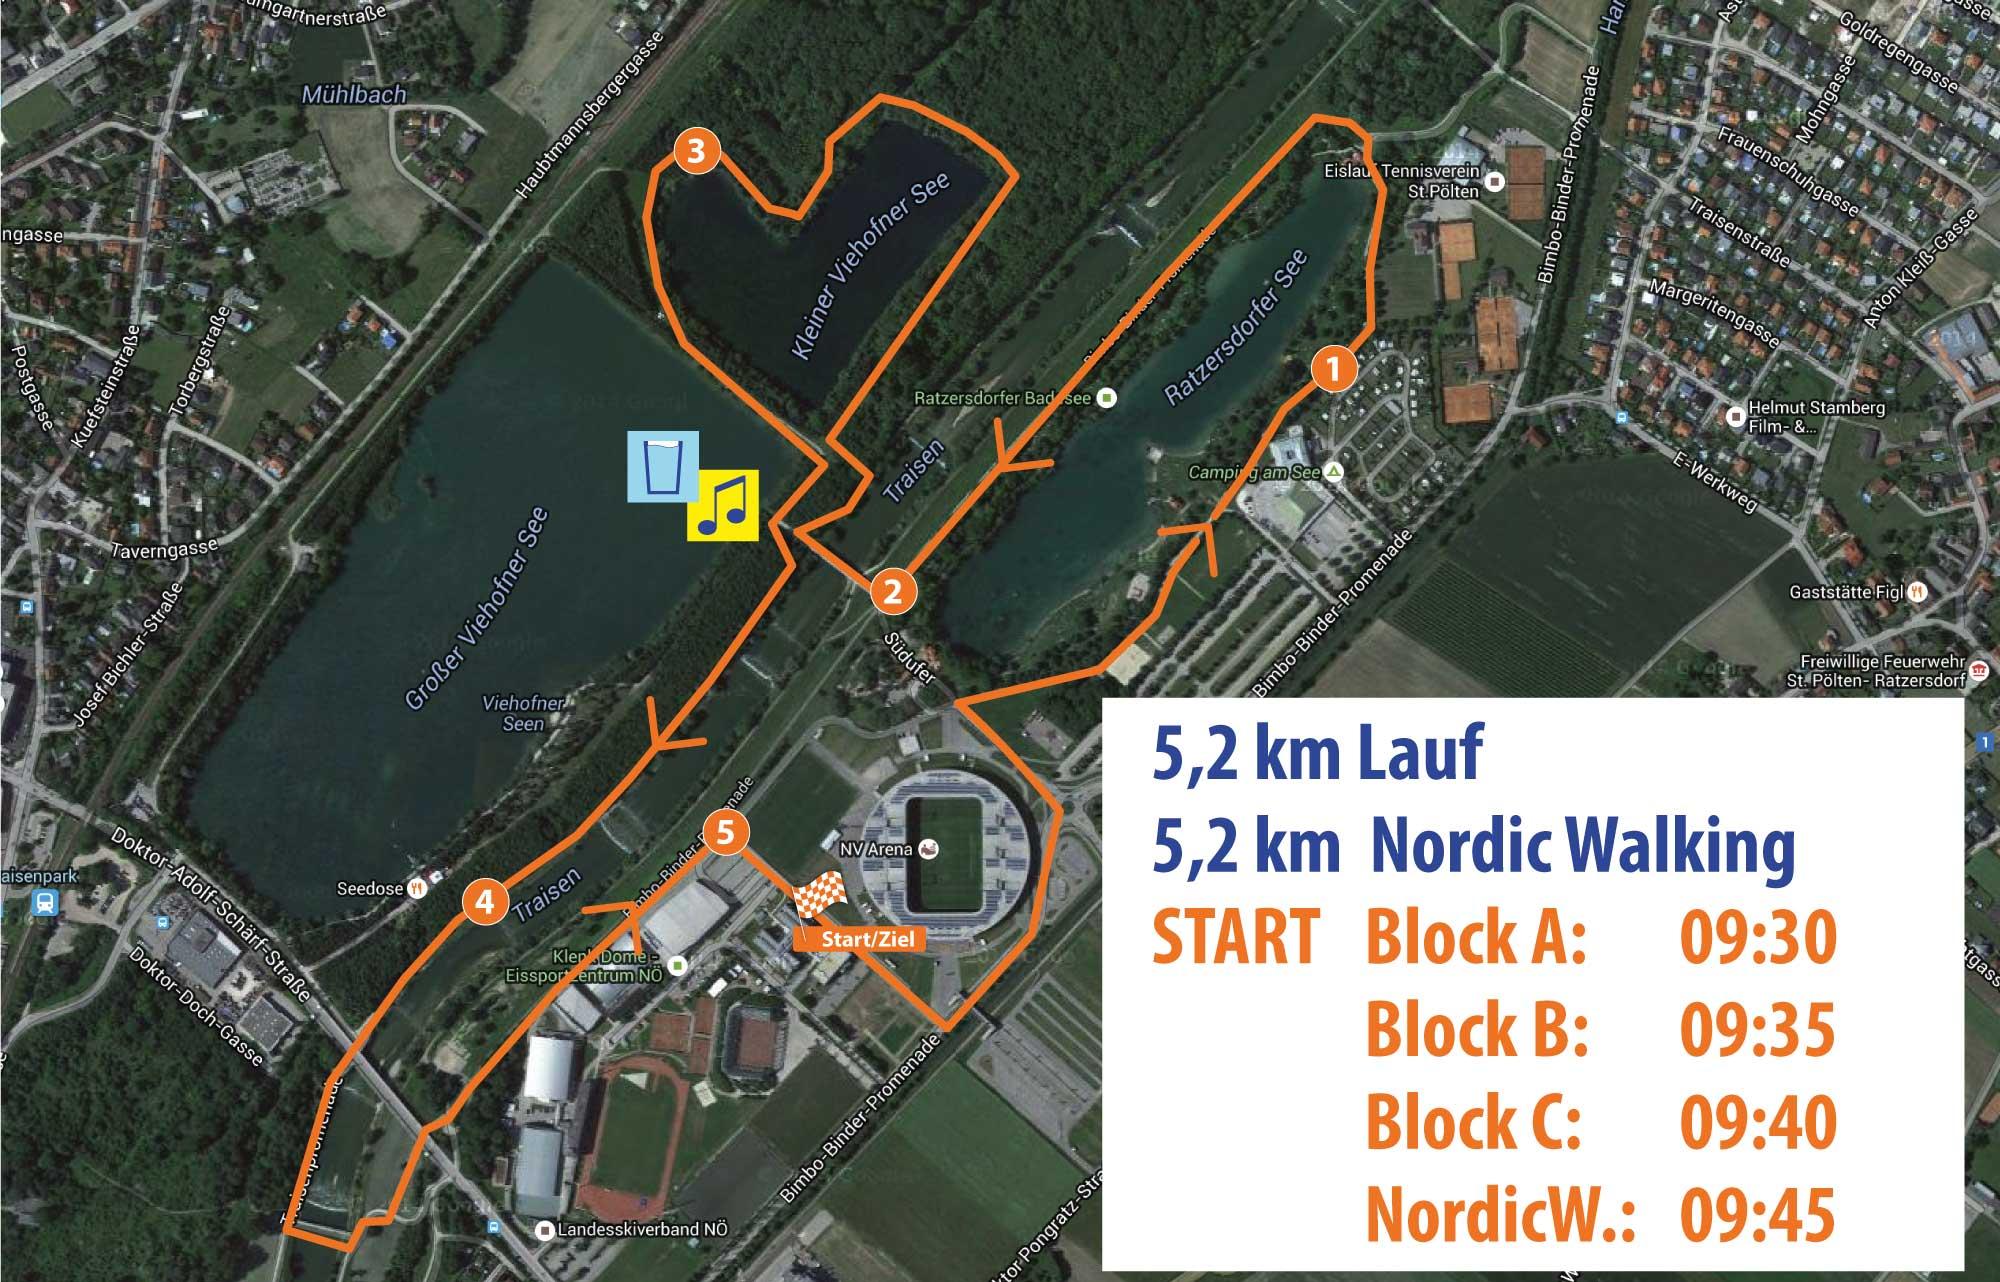 Nö Frauenlauf In Stpölten Info